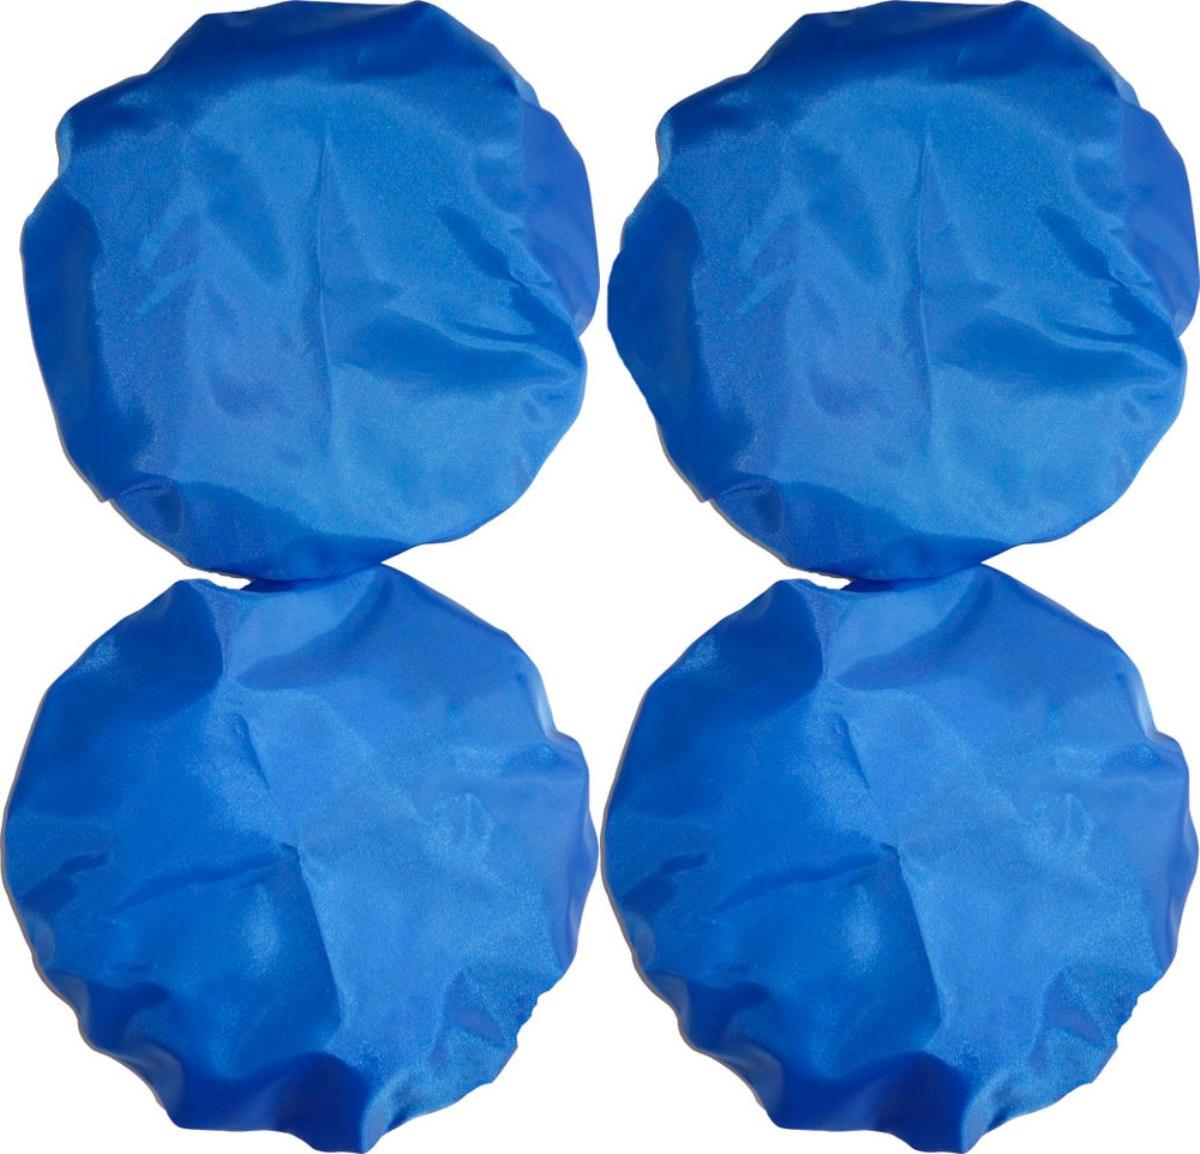 Чудо-Чадо Чехлы на колеса для коляски диаметр 28-38 см цвет синий 4 шт CHK01-003